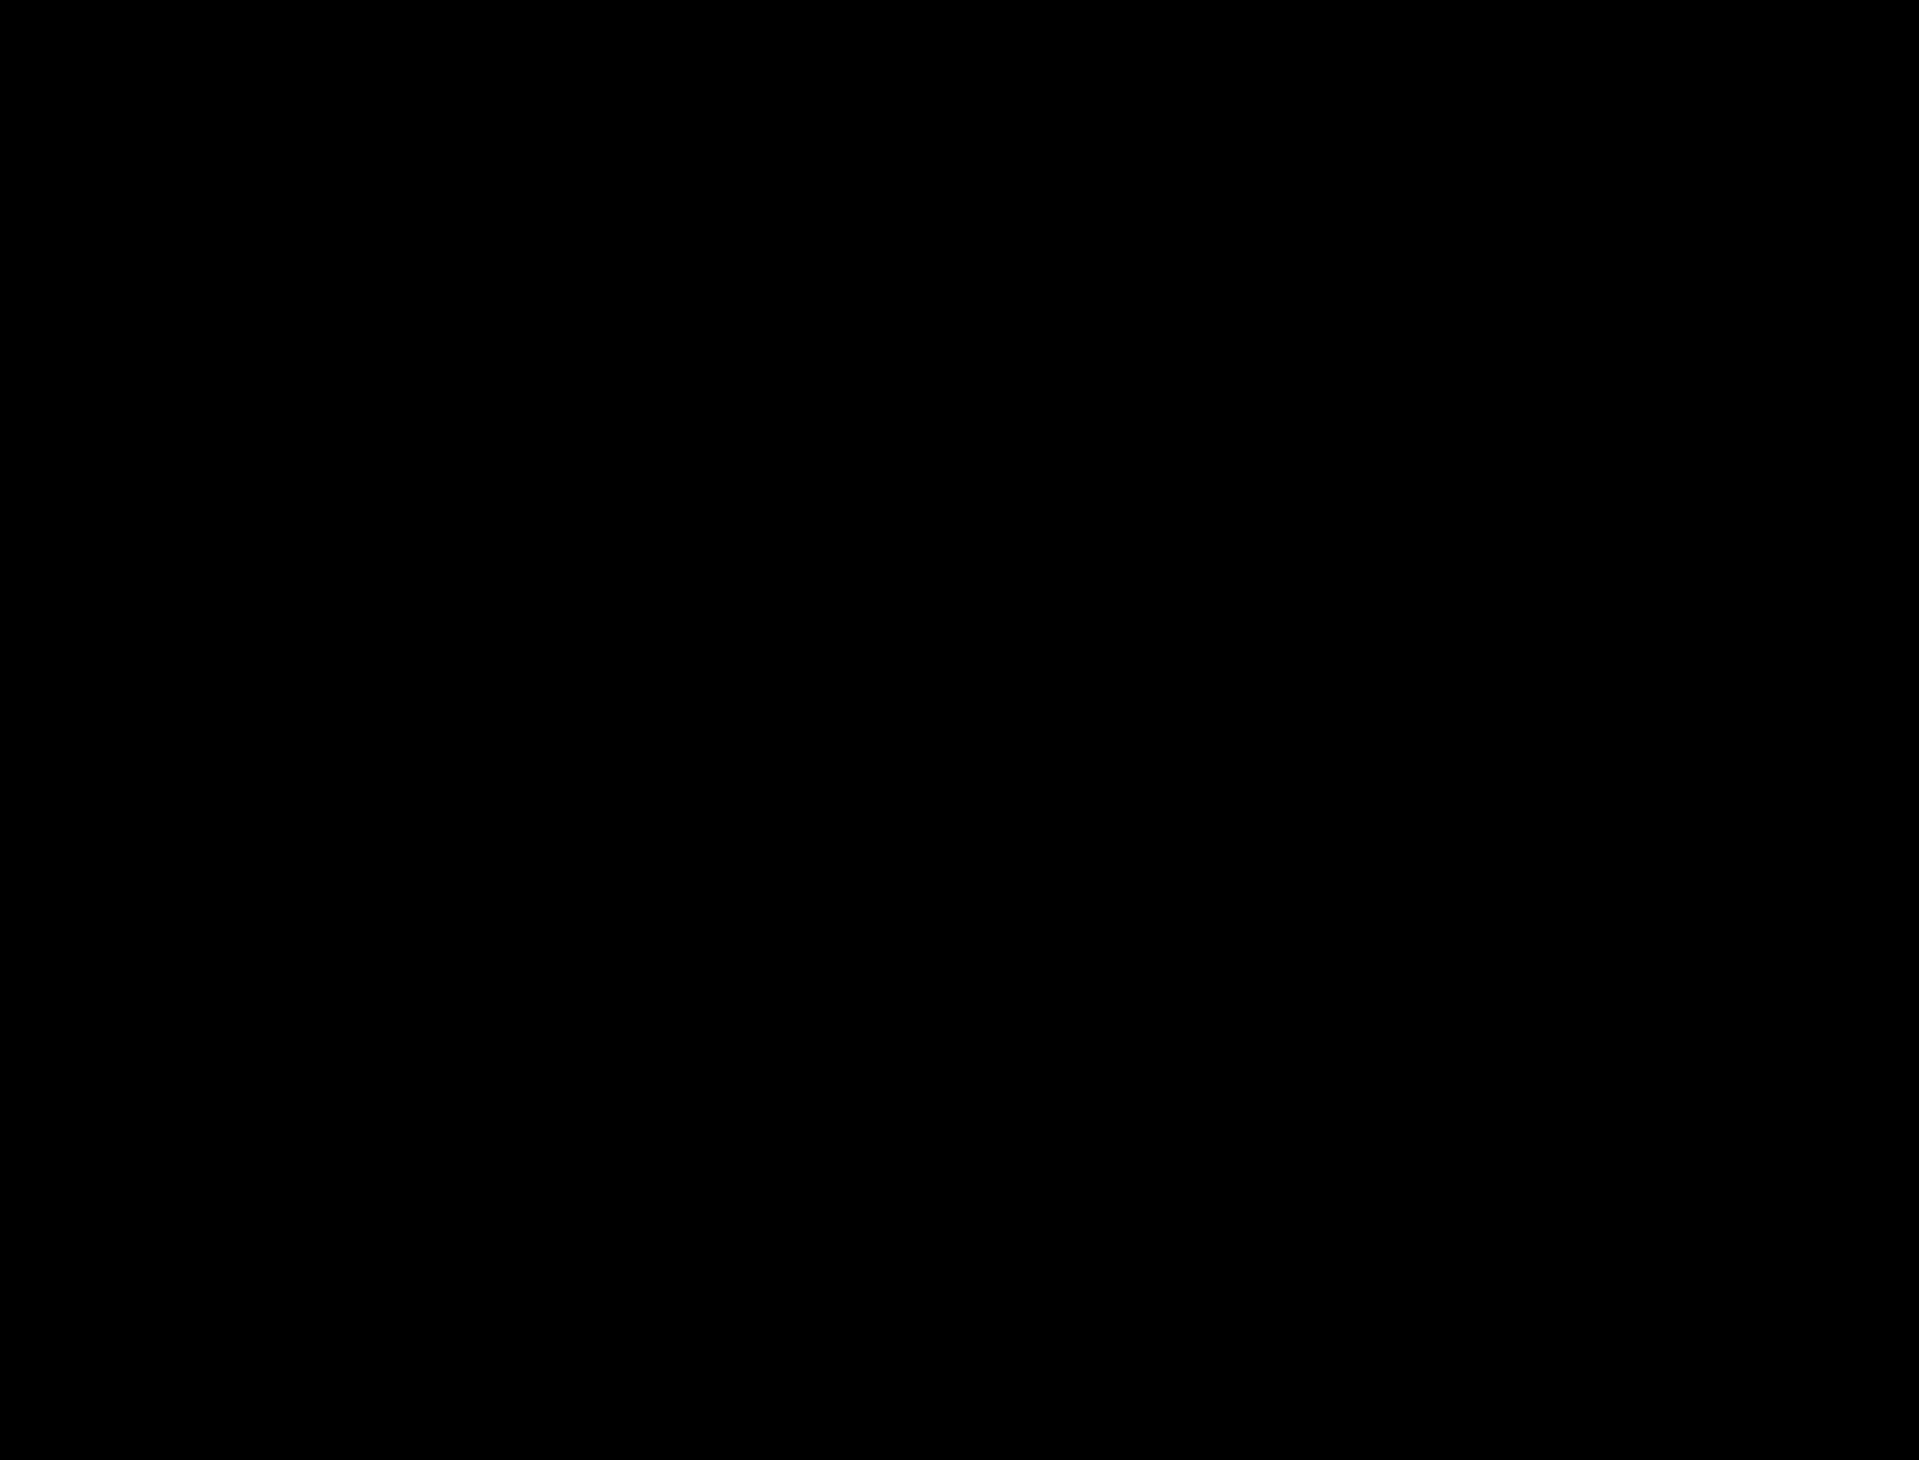 bop-web-black-vert